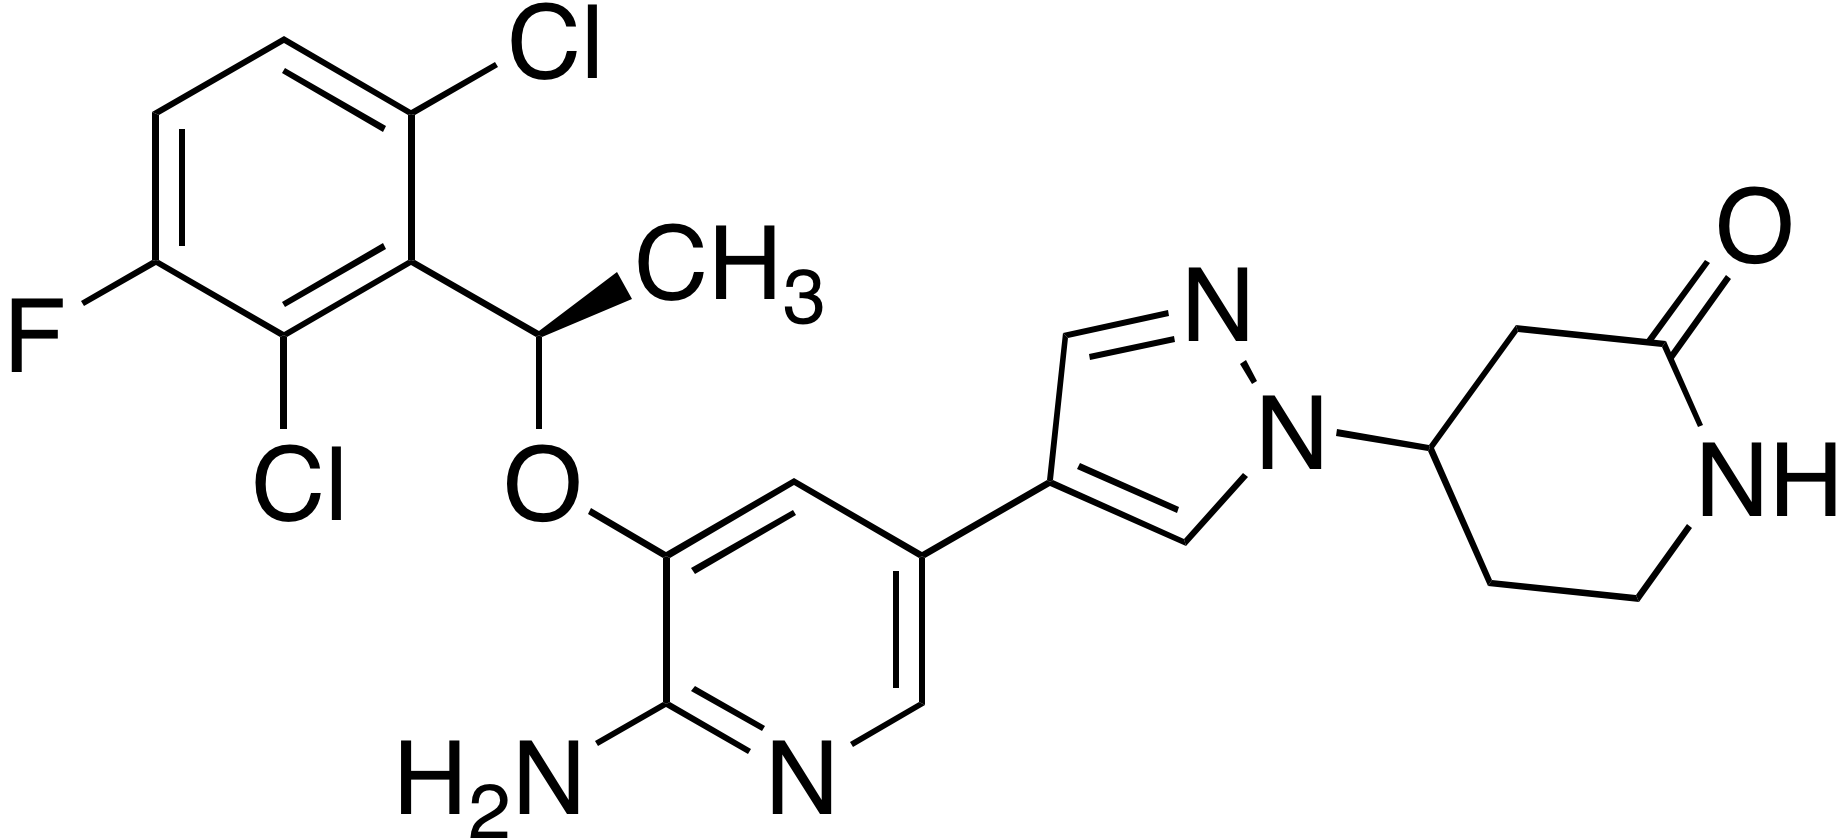 2-Keto crizotinib